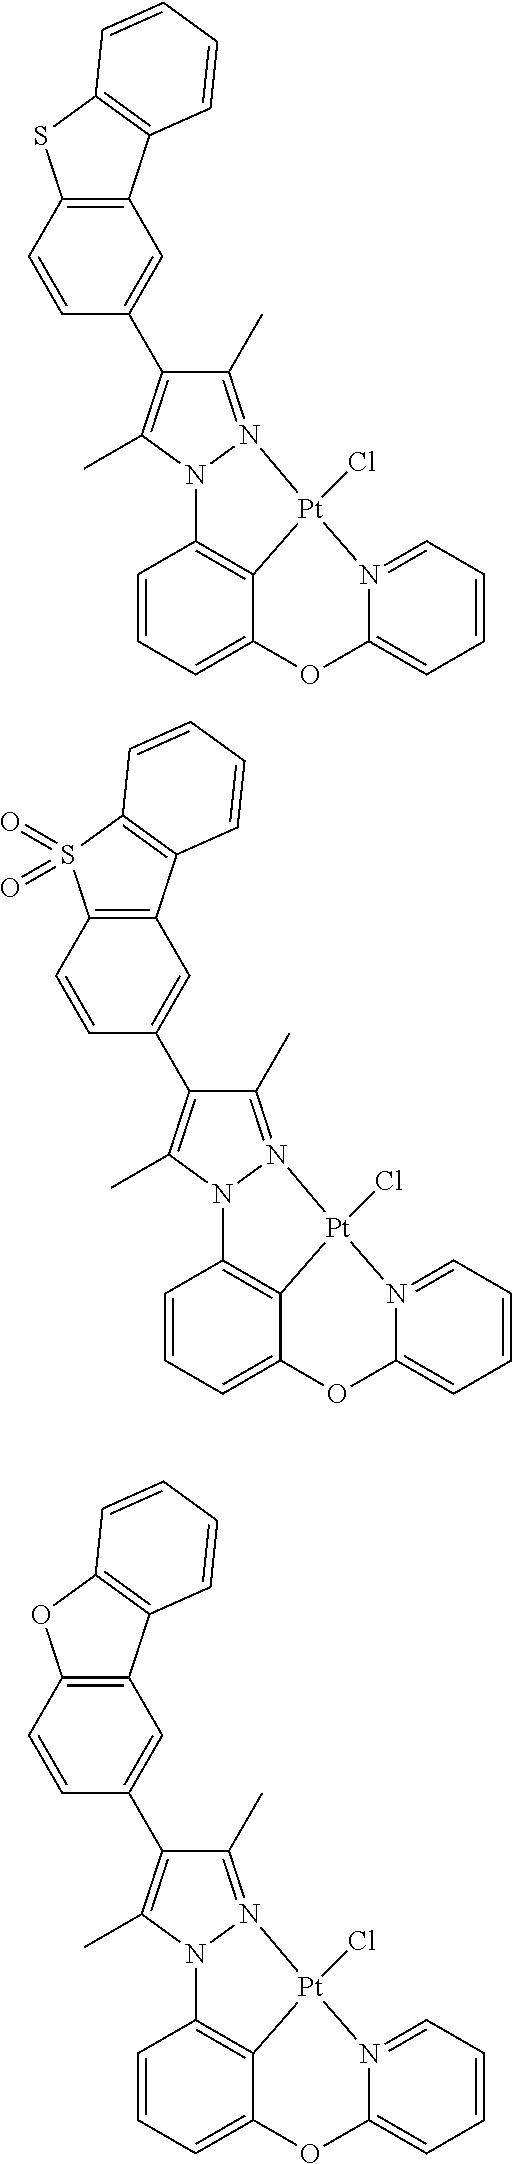 Figure US09818959-20171114-C00510